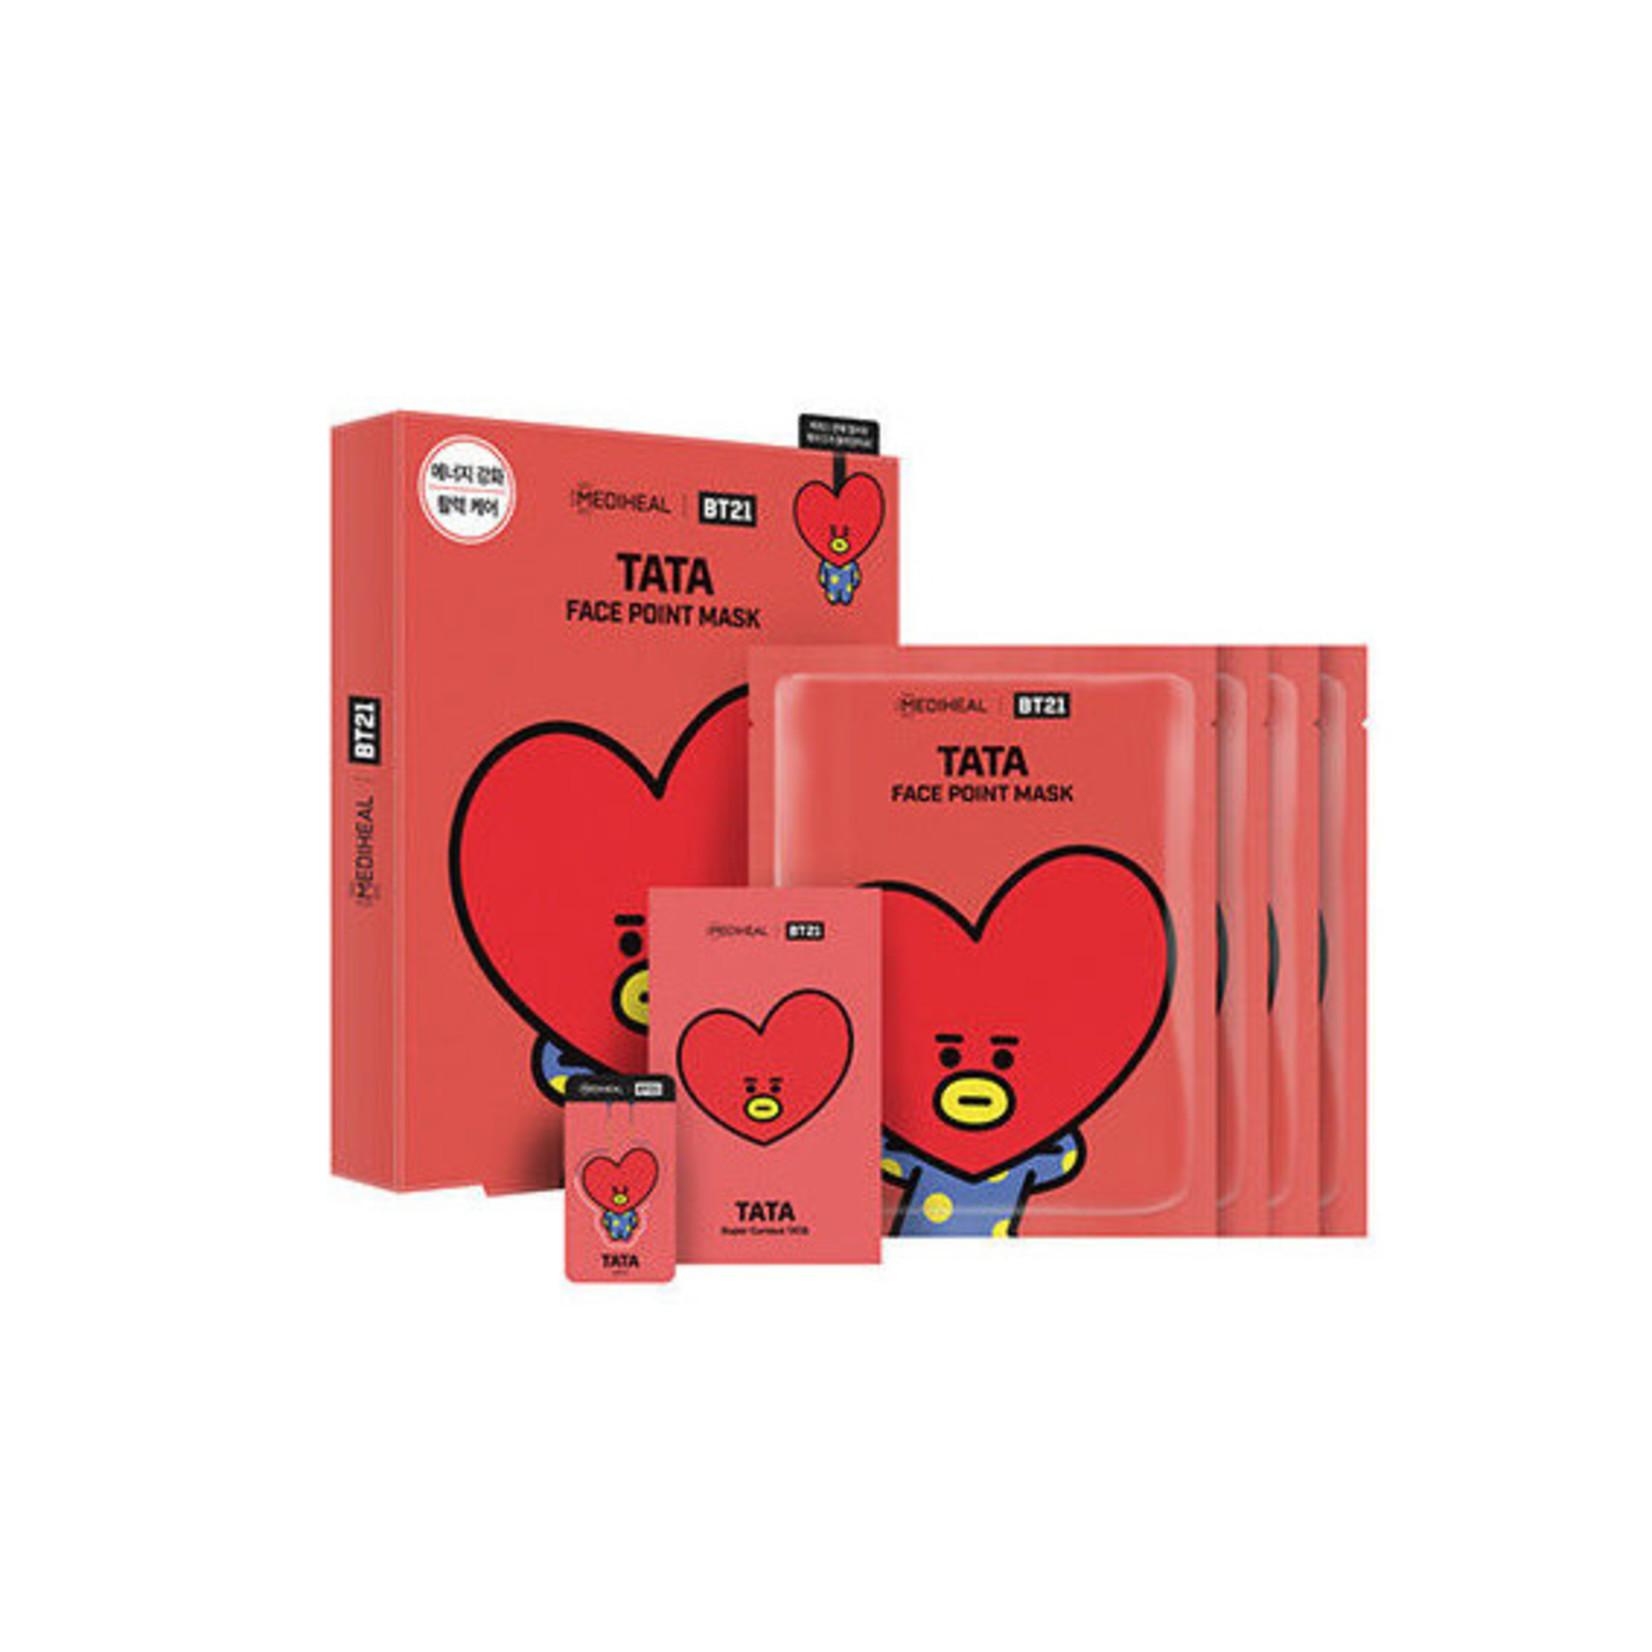 BT21 Face Point Mask Tata Box 4 Sheets